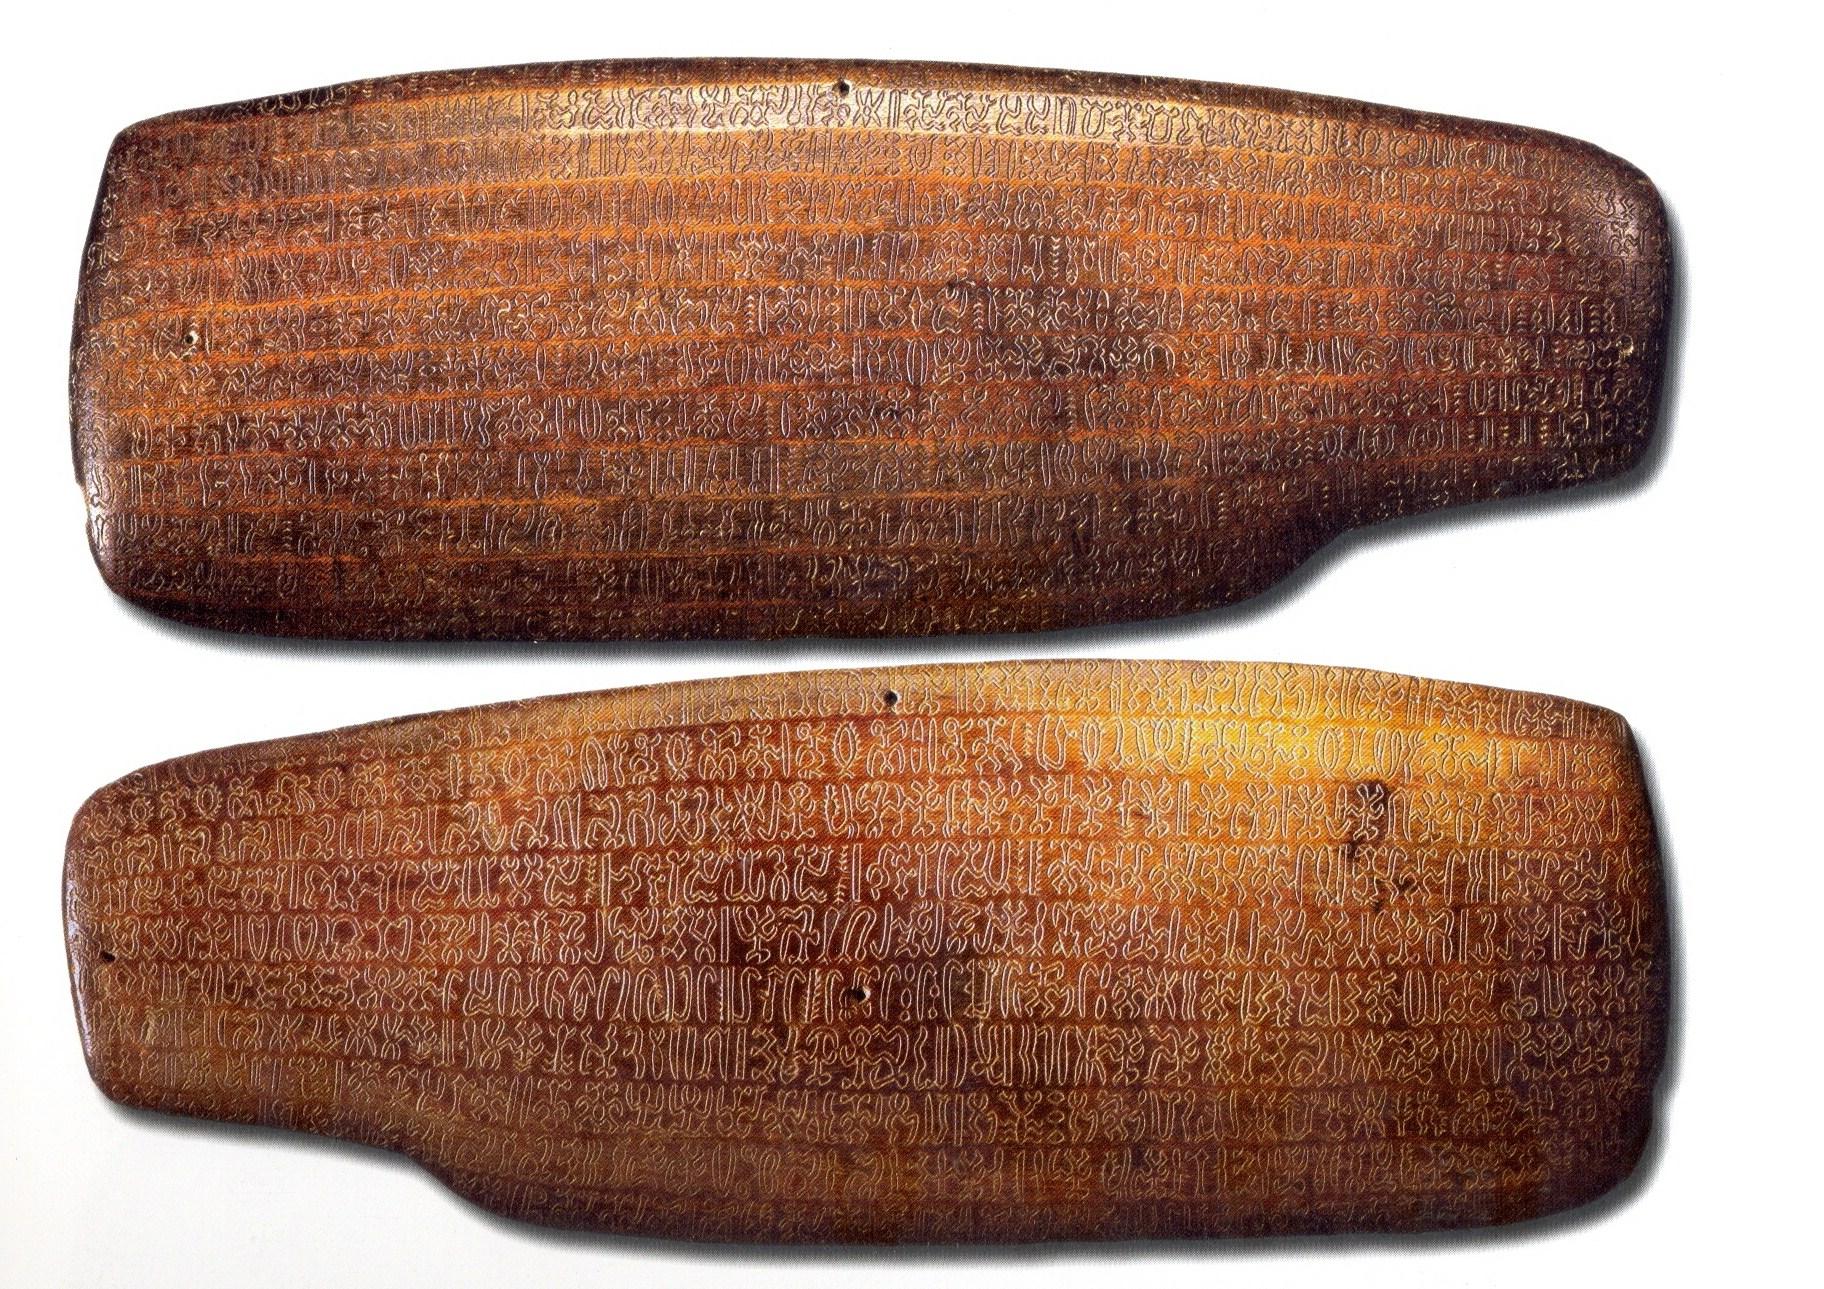 Ронго-ронго нерасшифрованная письменность острова Пасхи